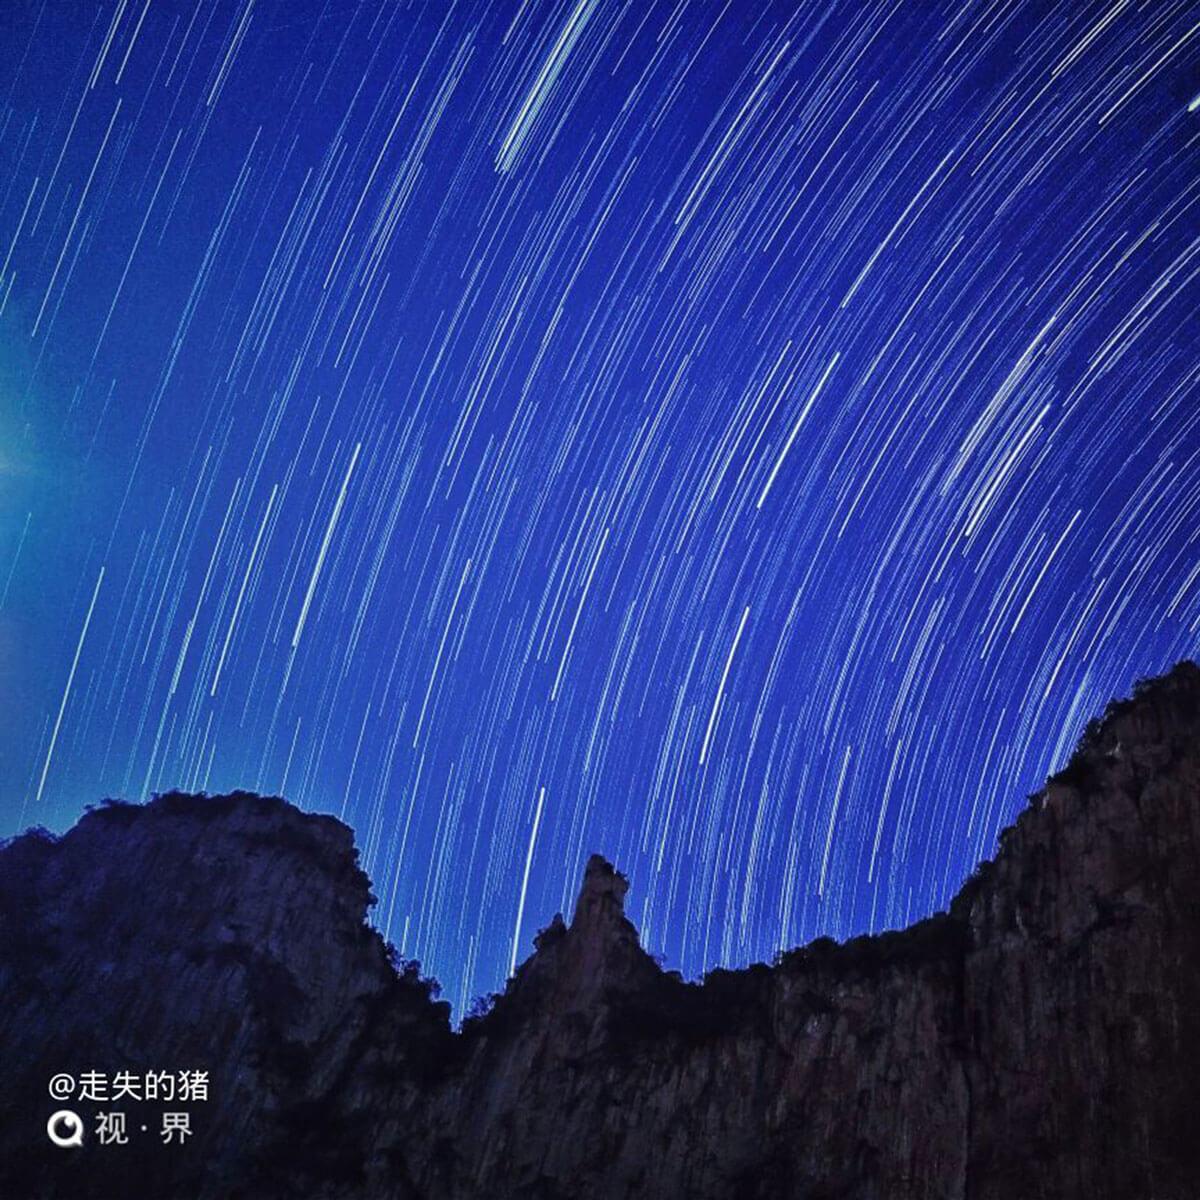 努比亚的星空,神雕峰下